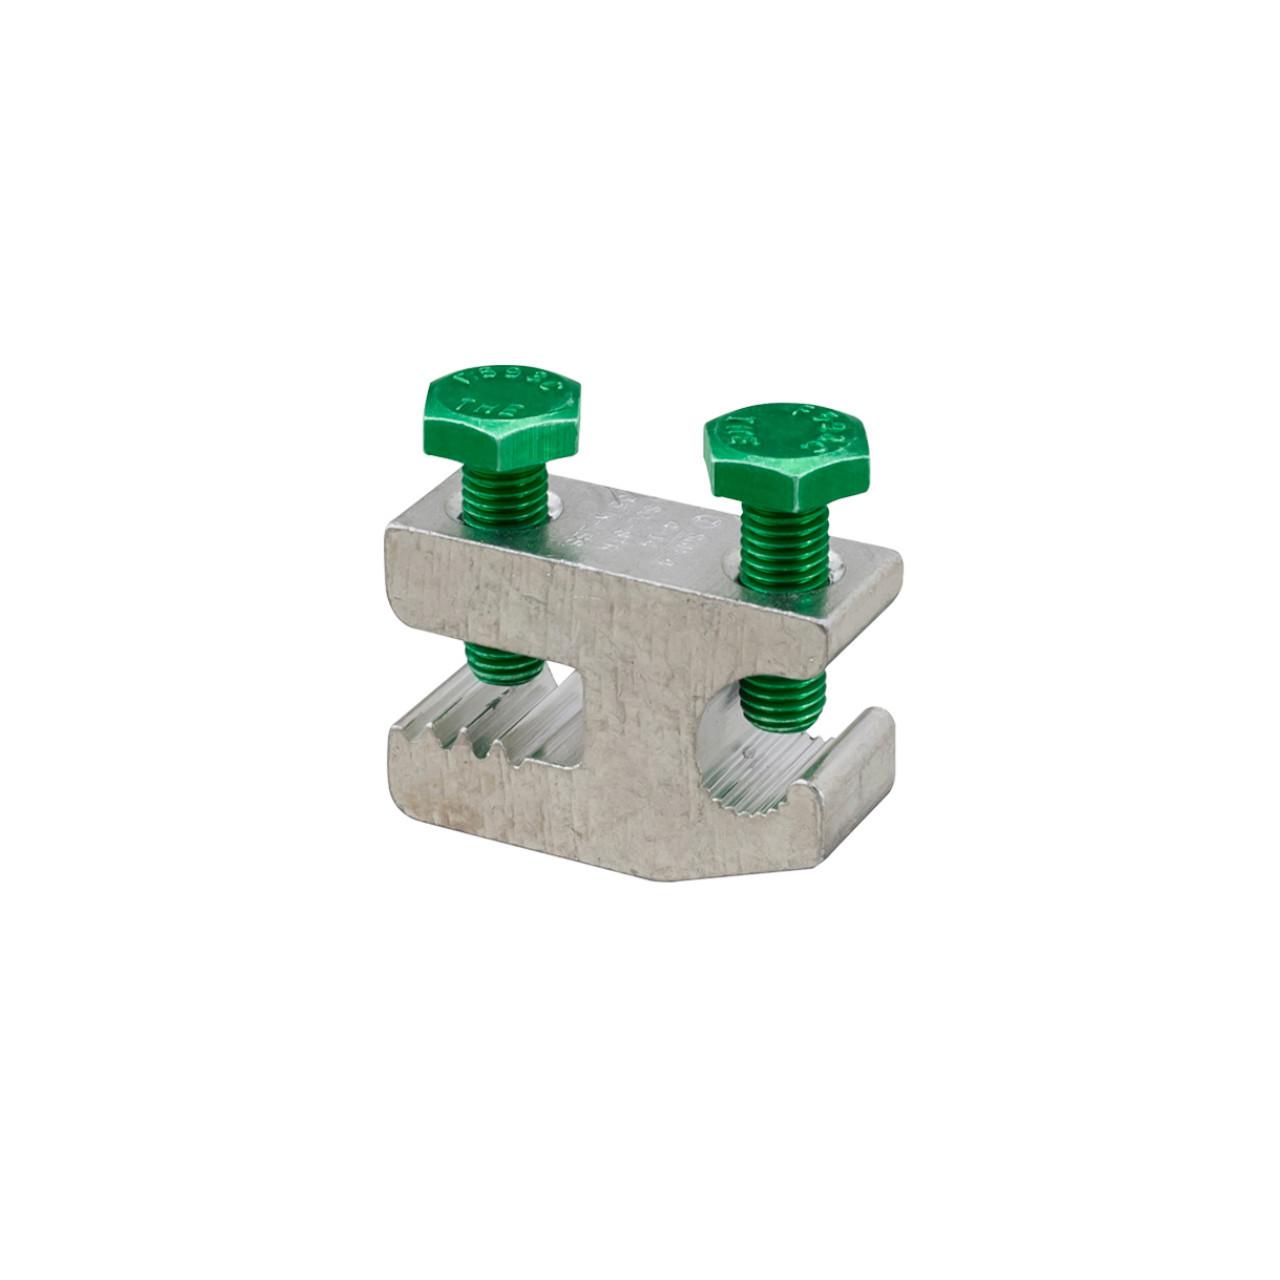 Grounding Lug SGB-4 - For HB